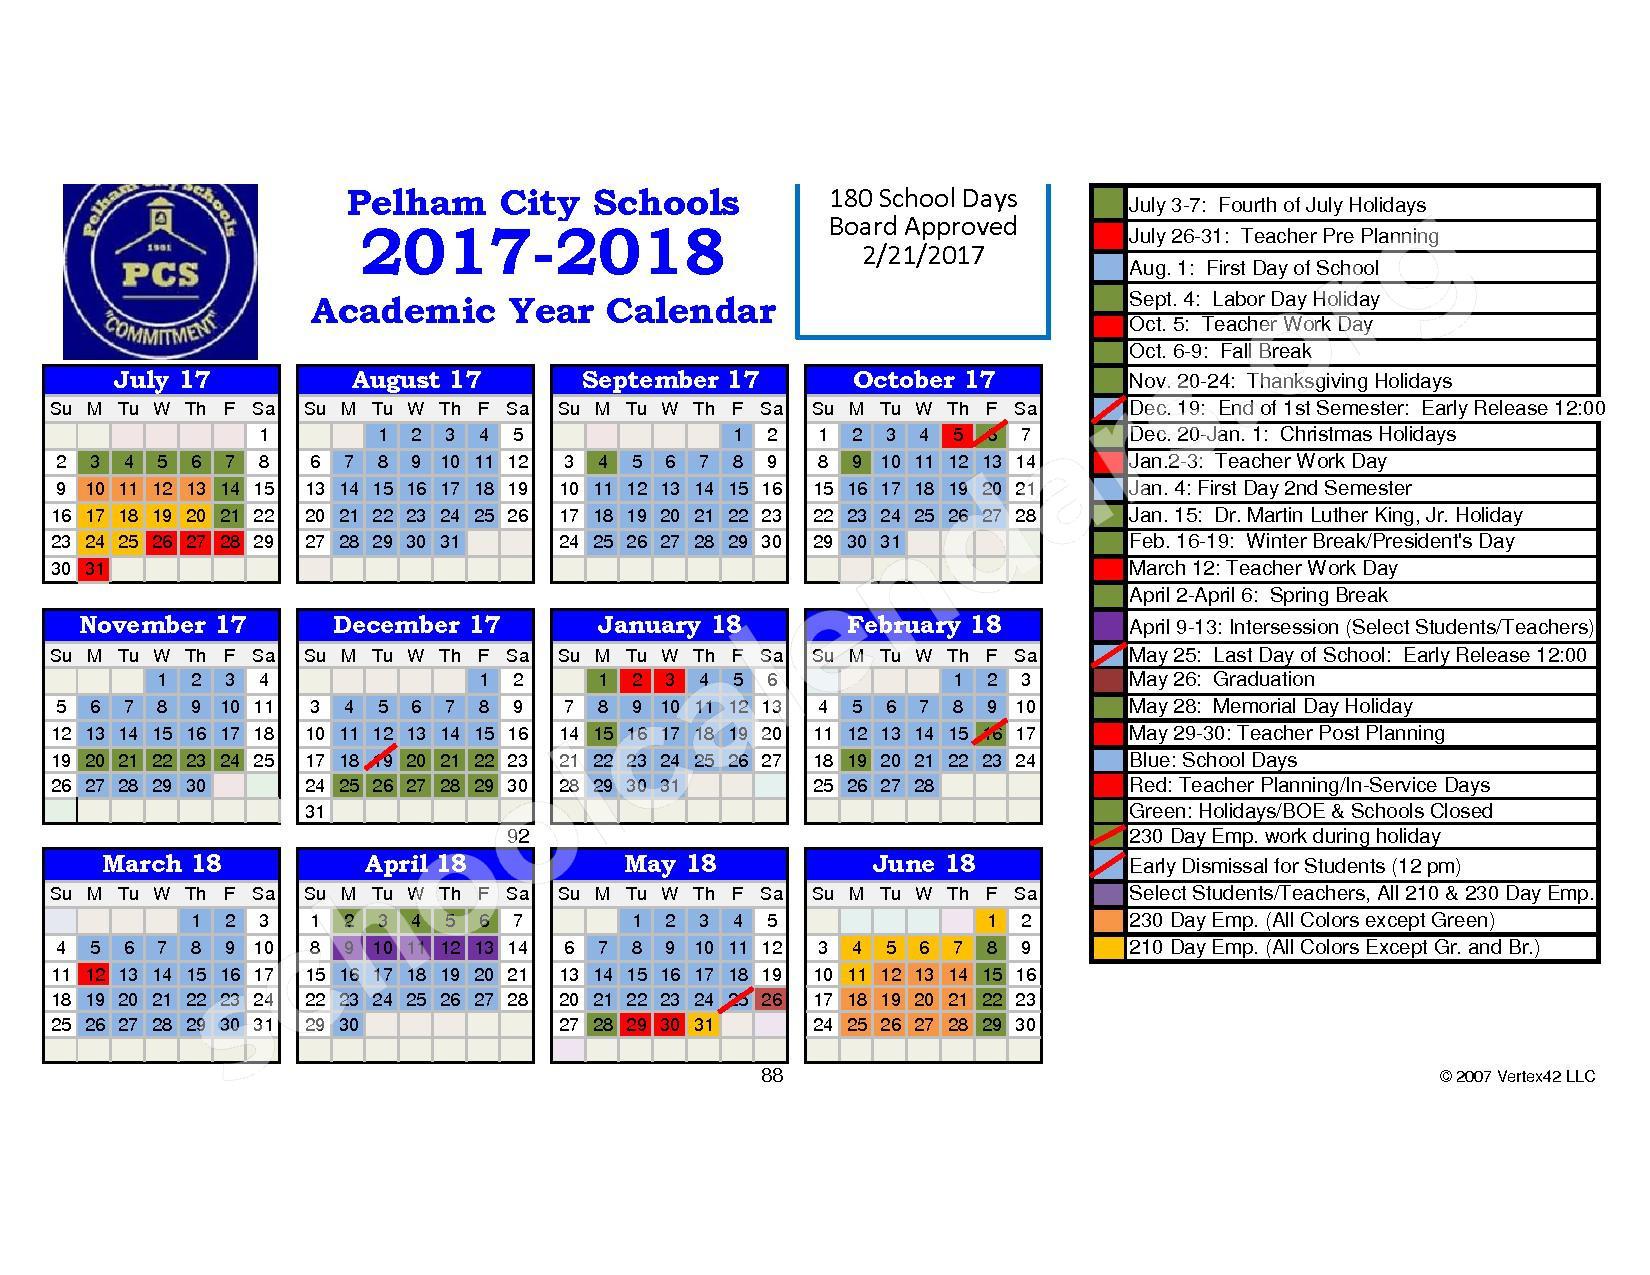 School District Calendar 2017 2018 Bing Images